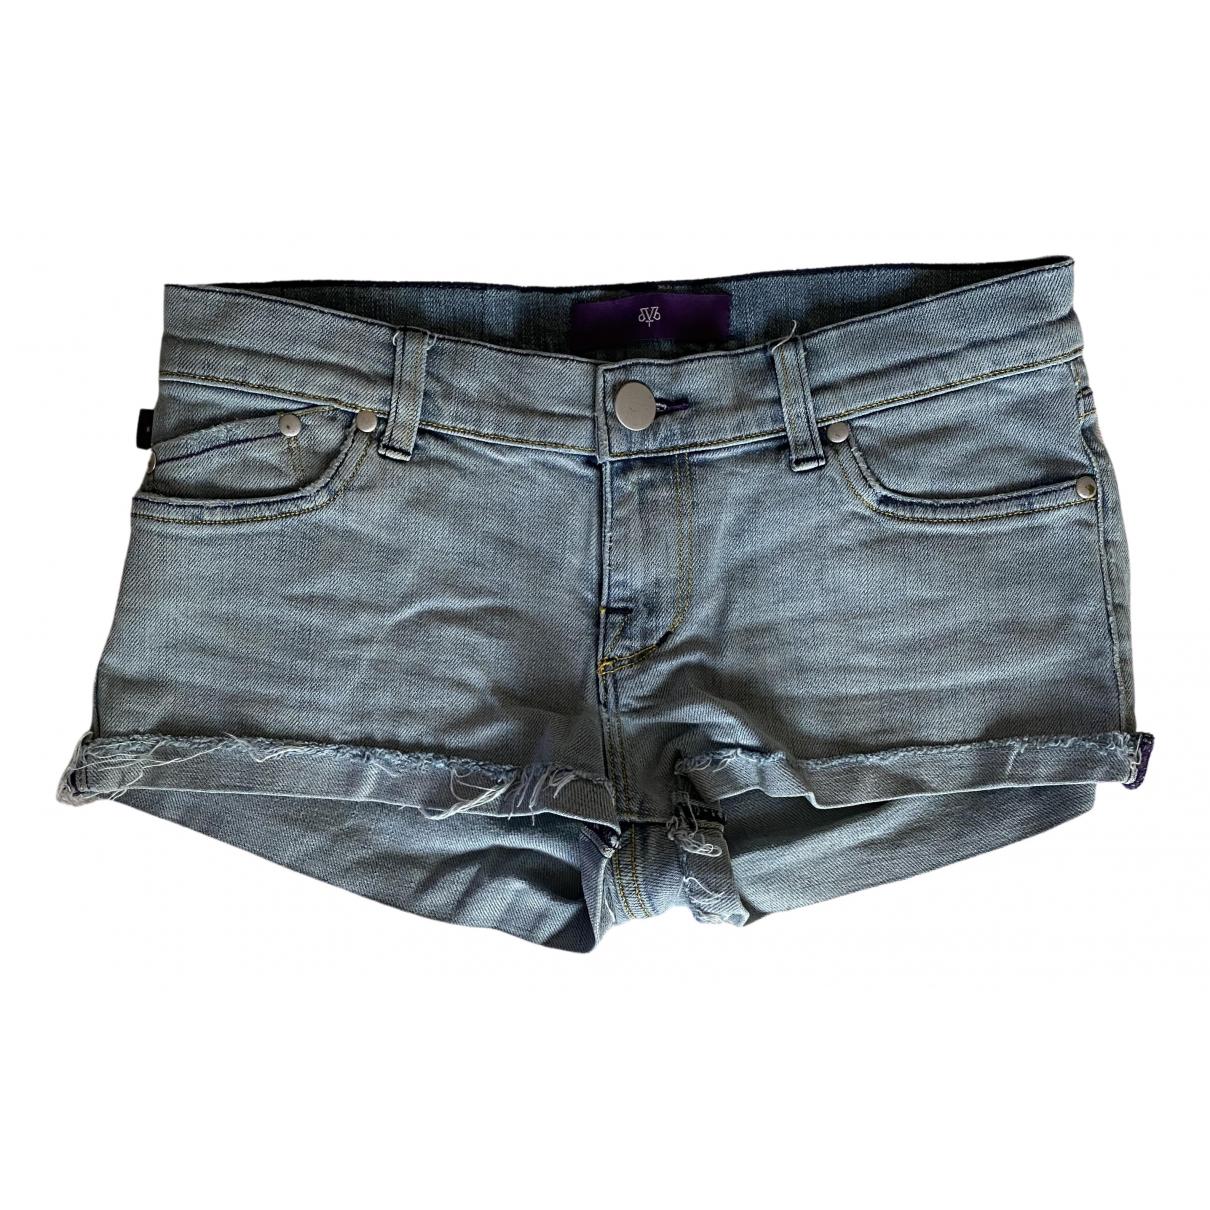 Victoria Beckham \N Shorts in  Blau Denim - Jeans